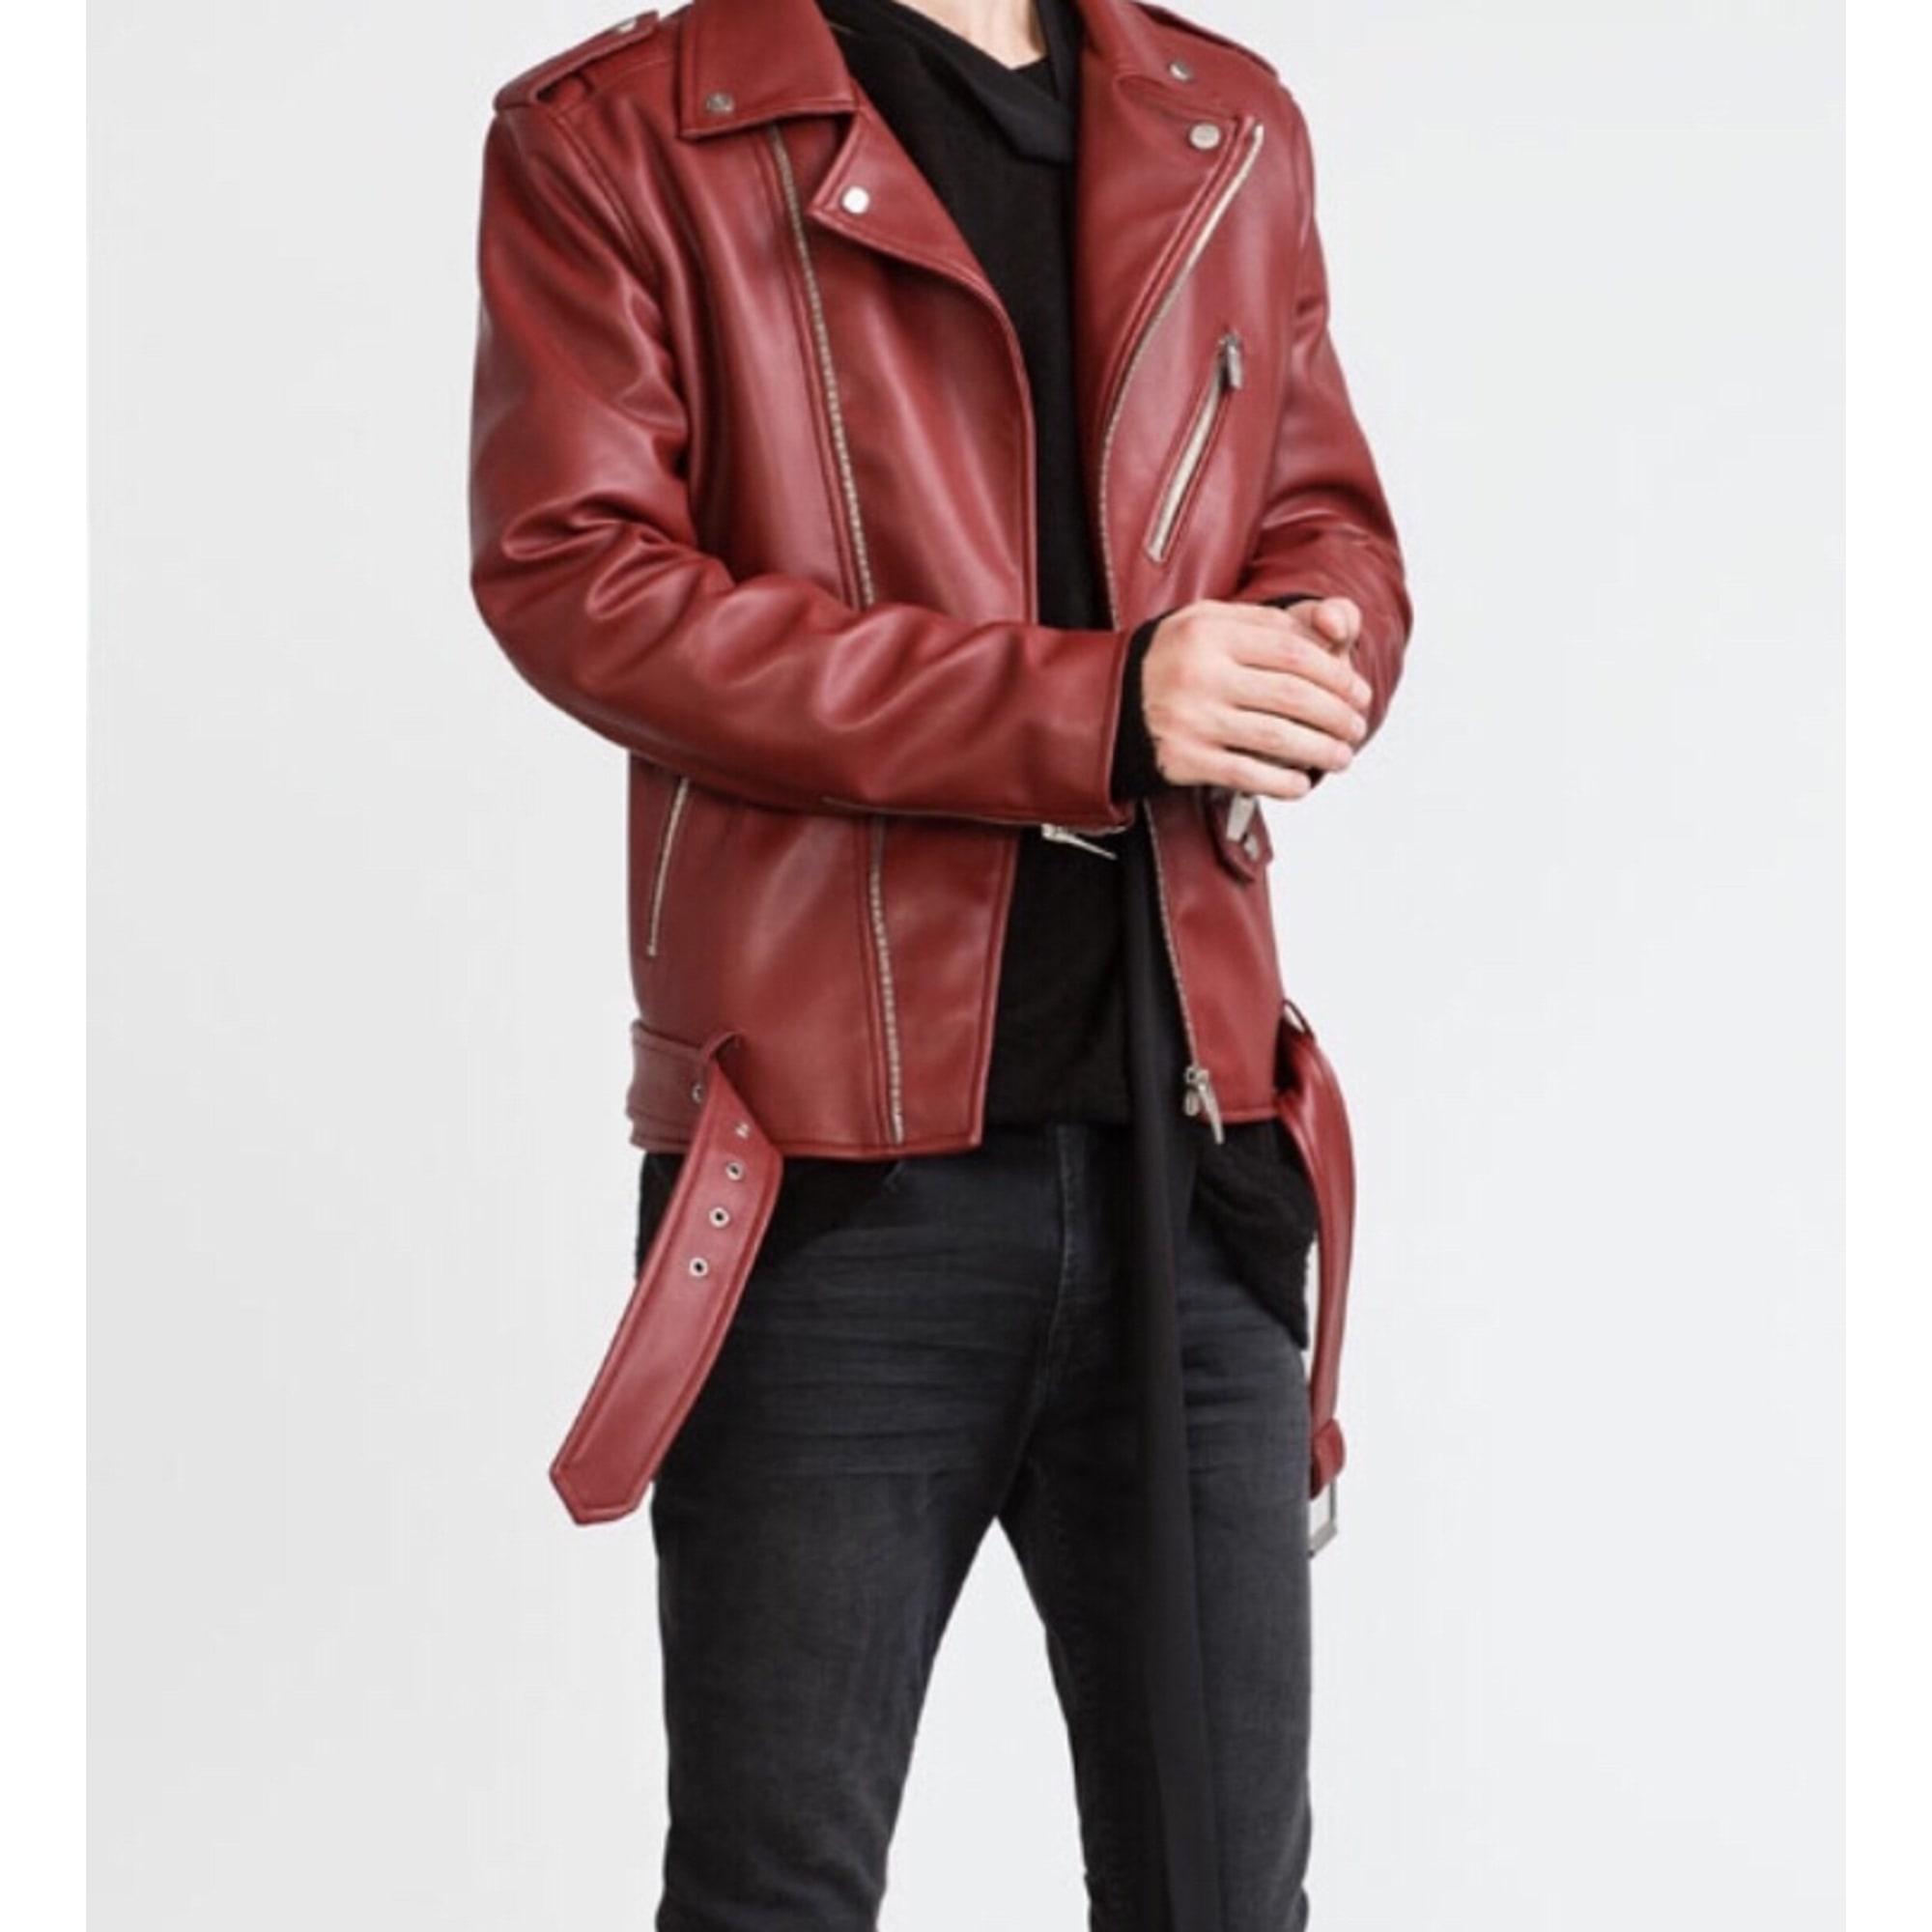 Veste cuir rouge bordeaux